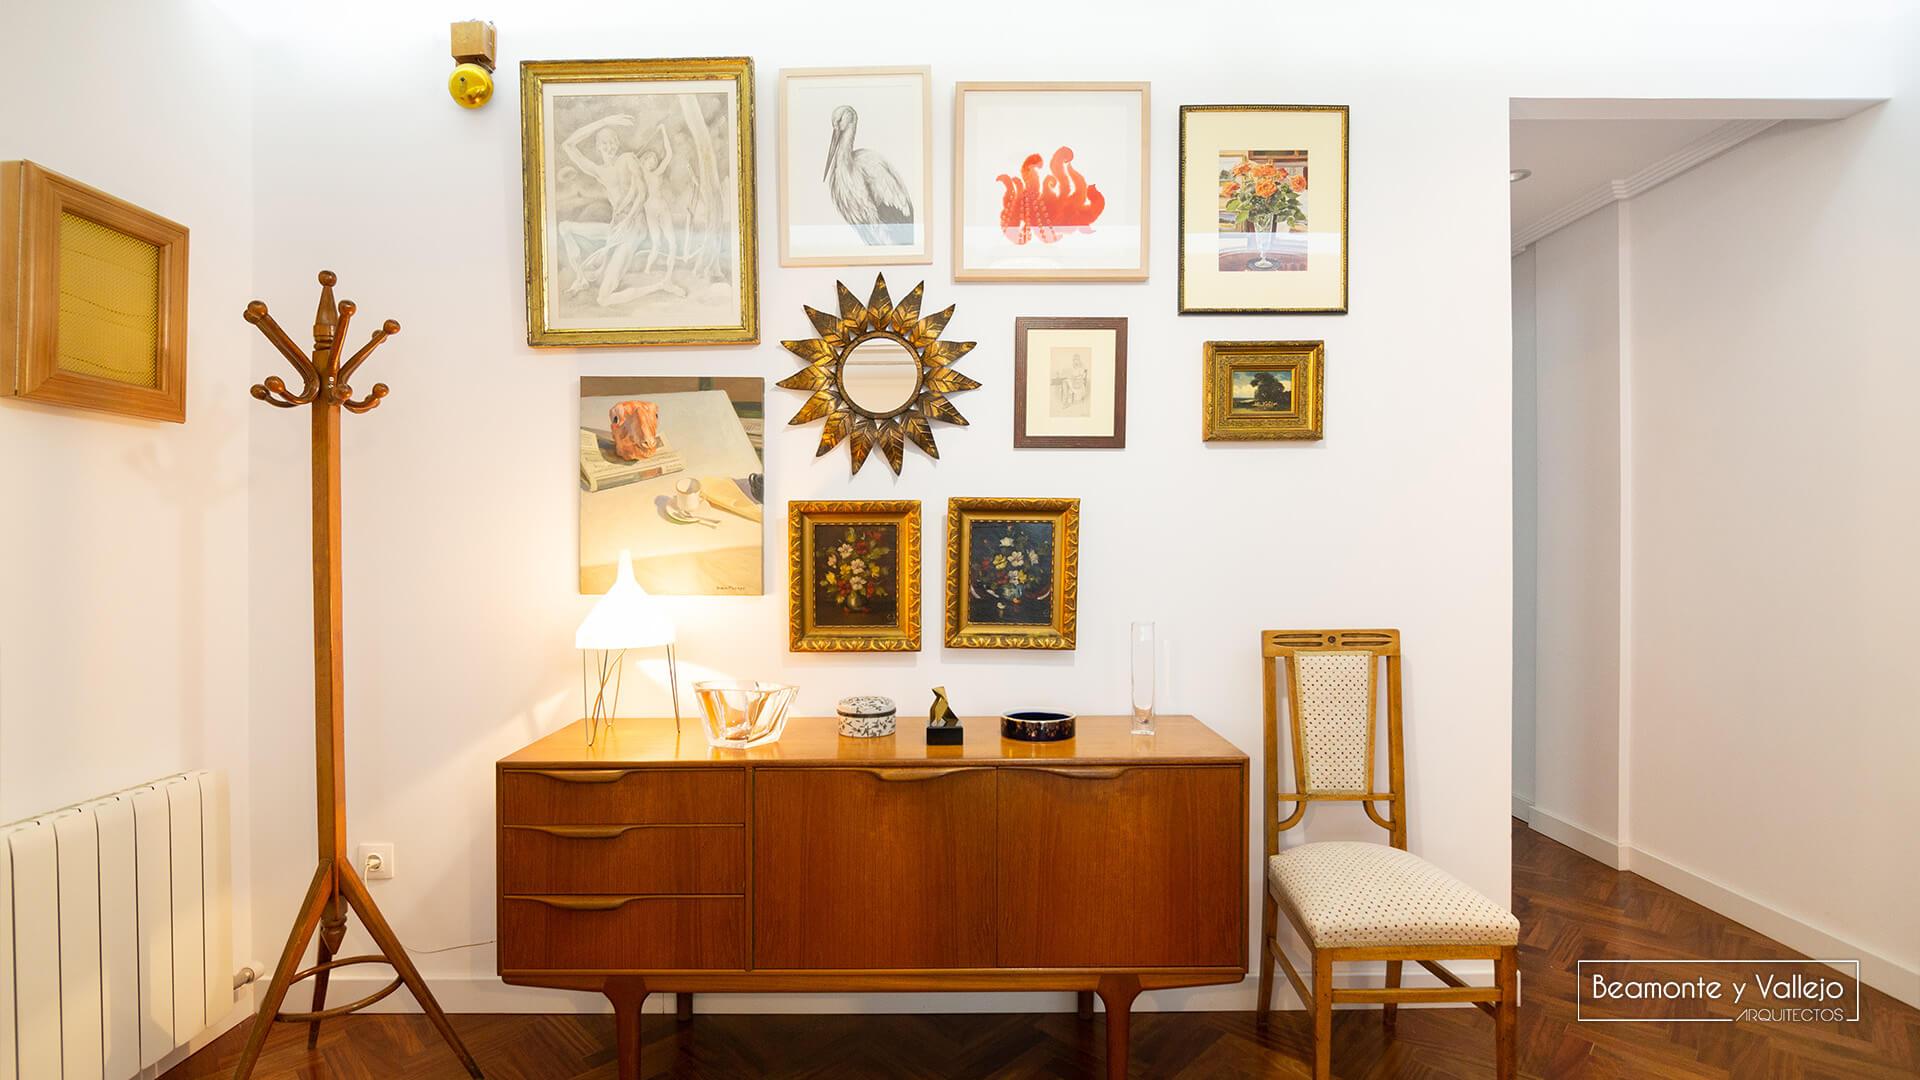 Beamonte y Vallejo arquitectos - Conde Aranda 78, 1